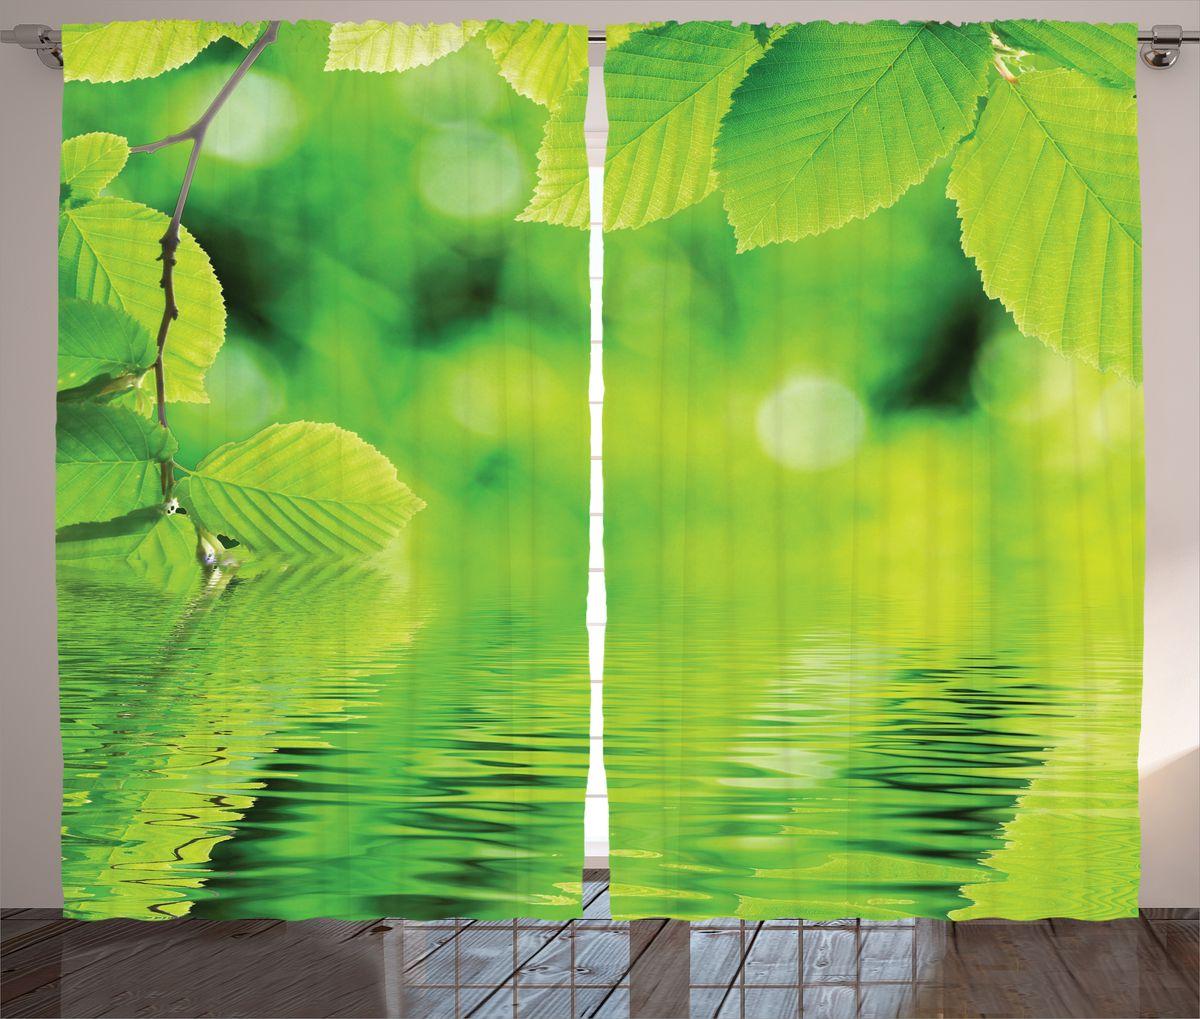 Комплект фотоштор Magic Lady, на ленте, высота 265 см. шсг_16581шсг_16581Компания Сэмболь изготавливает шторы из высококачественного сатена (полиэстер 100%). При изготовлении используются специальные гипоаллергенные чернила для прямой печати по ткани, безопасные для человека и животных. Экологичность продукции Magic lady и безопасность для окружающей среды подтверждены сертификатом Oeko-Tex Standard 100. Крепление: крючки для крепления на шторной ленте (50 шт). Возможно крепление на трубу. Внимание! При нанесении сублимационной печати на ткань технологическим методом при температуре 240°С, возможно отклонение полученных размеров (указанных на этикетке и сайте) от стандартных на + - 3-5 см. Производитель старается максимально точно передать цвета изделия на фотографиях, однако искажения неизбежны и фактический цвет изделия может отличаться от воспринимаемого по фото. Обратите внимание! Шторы изготовлены из полиэстра сатенового переплетения, а не из сатина (хлопок). Размер одного полотна шторы: 145х265 см. В комплекте 2 полотна шторы и 50 крючков.